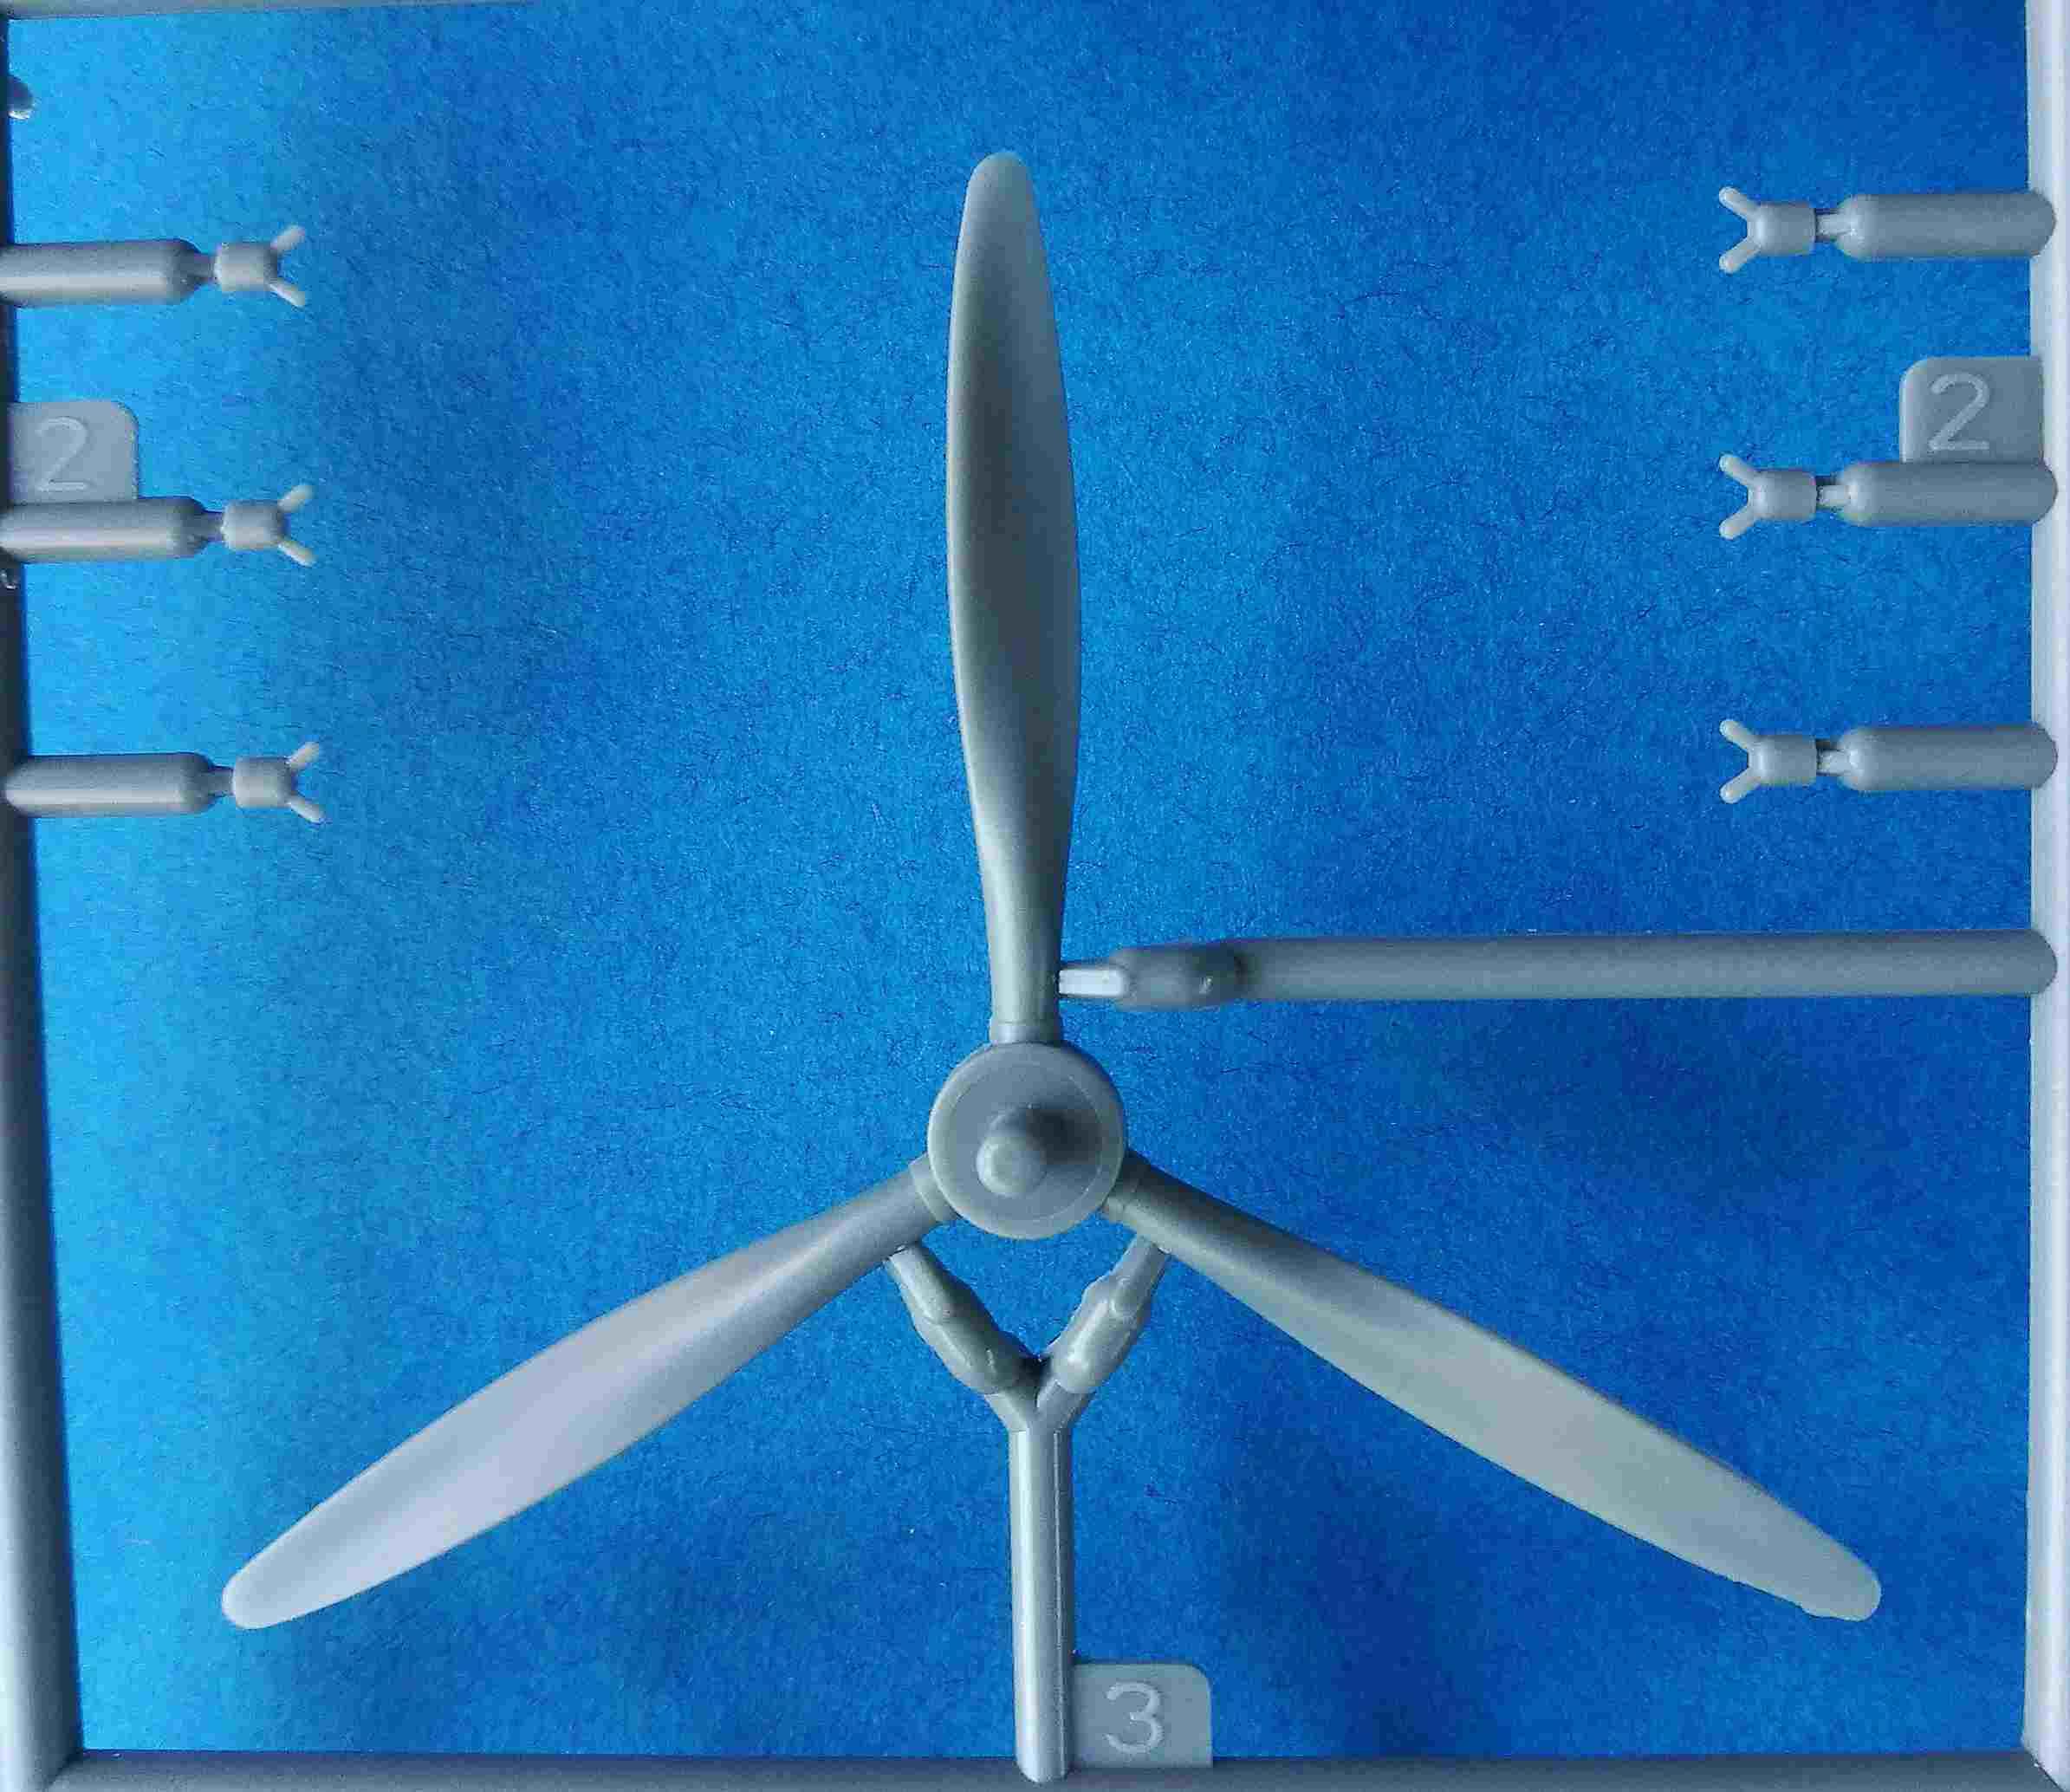 Trumpeter-02880-Fairey-Albacore-2 Fairey Albacore in 1:48  Trumpeter # 02880